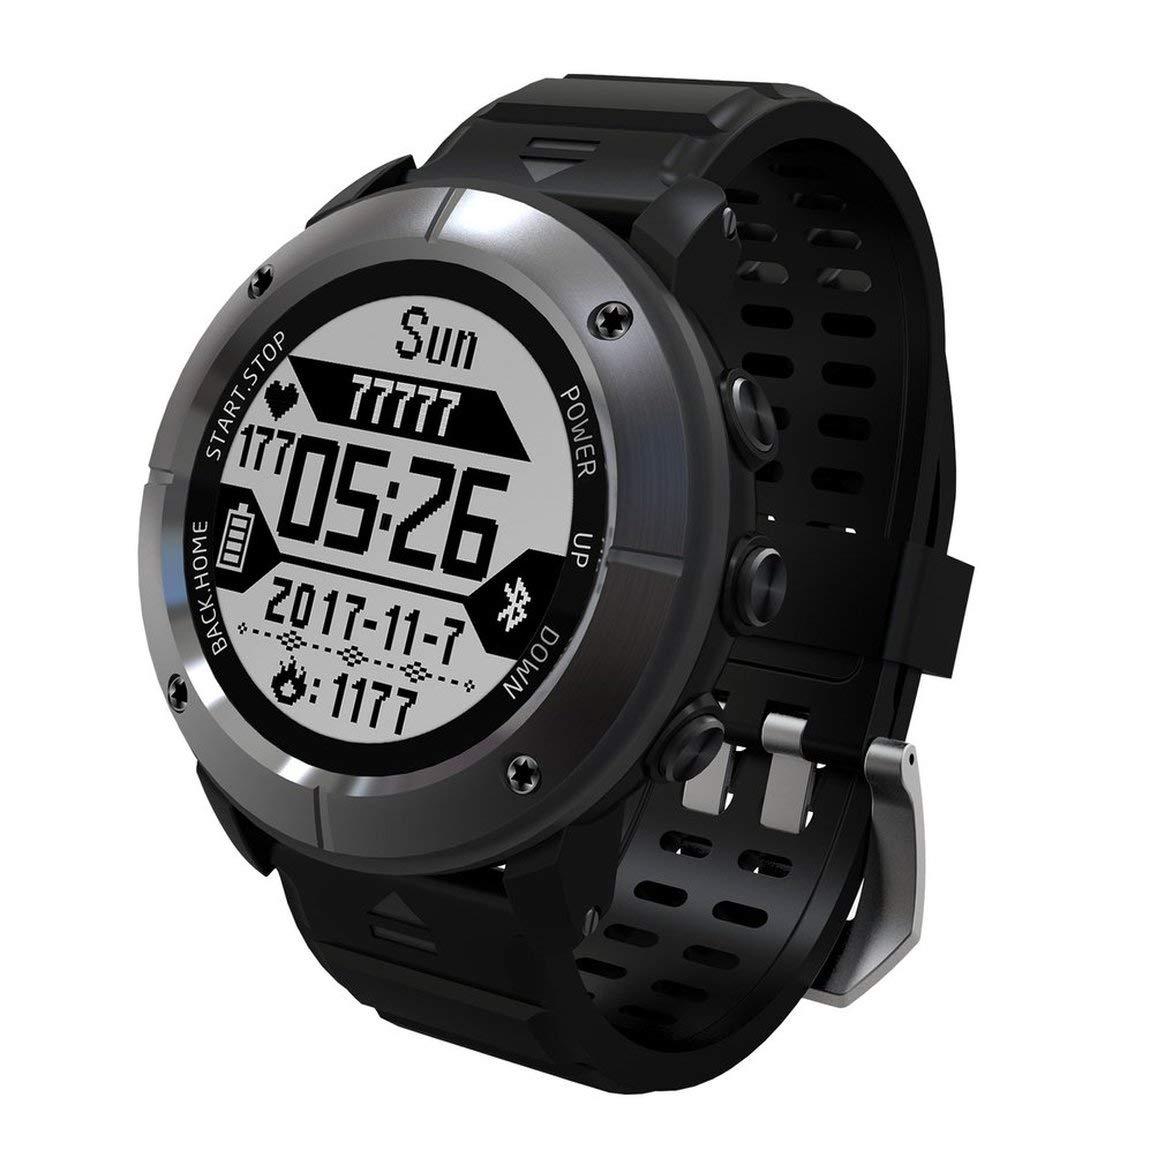 Delicacydex 1.2-Zoll-Anzeige-Wasserdichte wandernde im Freien laufende intelligente Uhr-Pulsmesser-GPS-Thermometer-Sport-Uhr - Grau